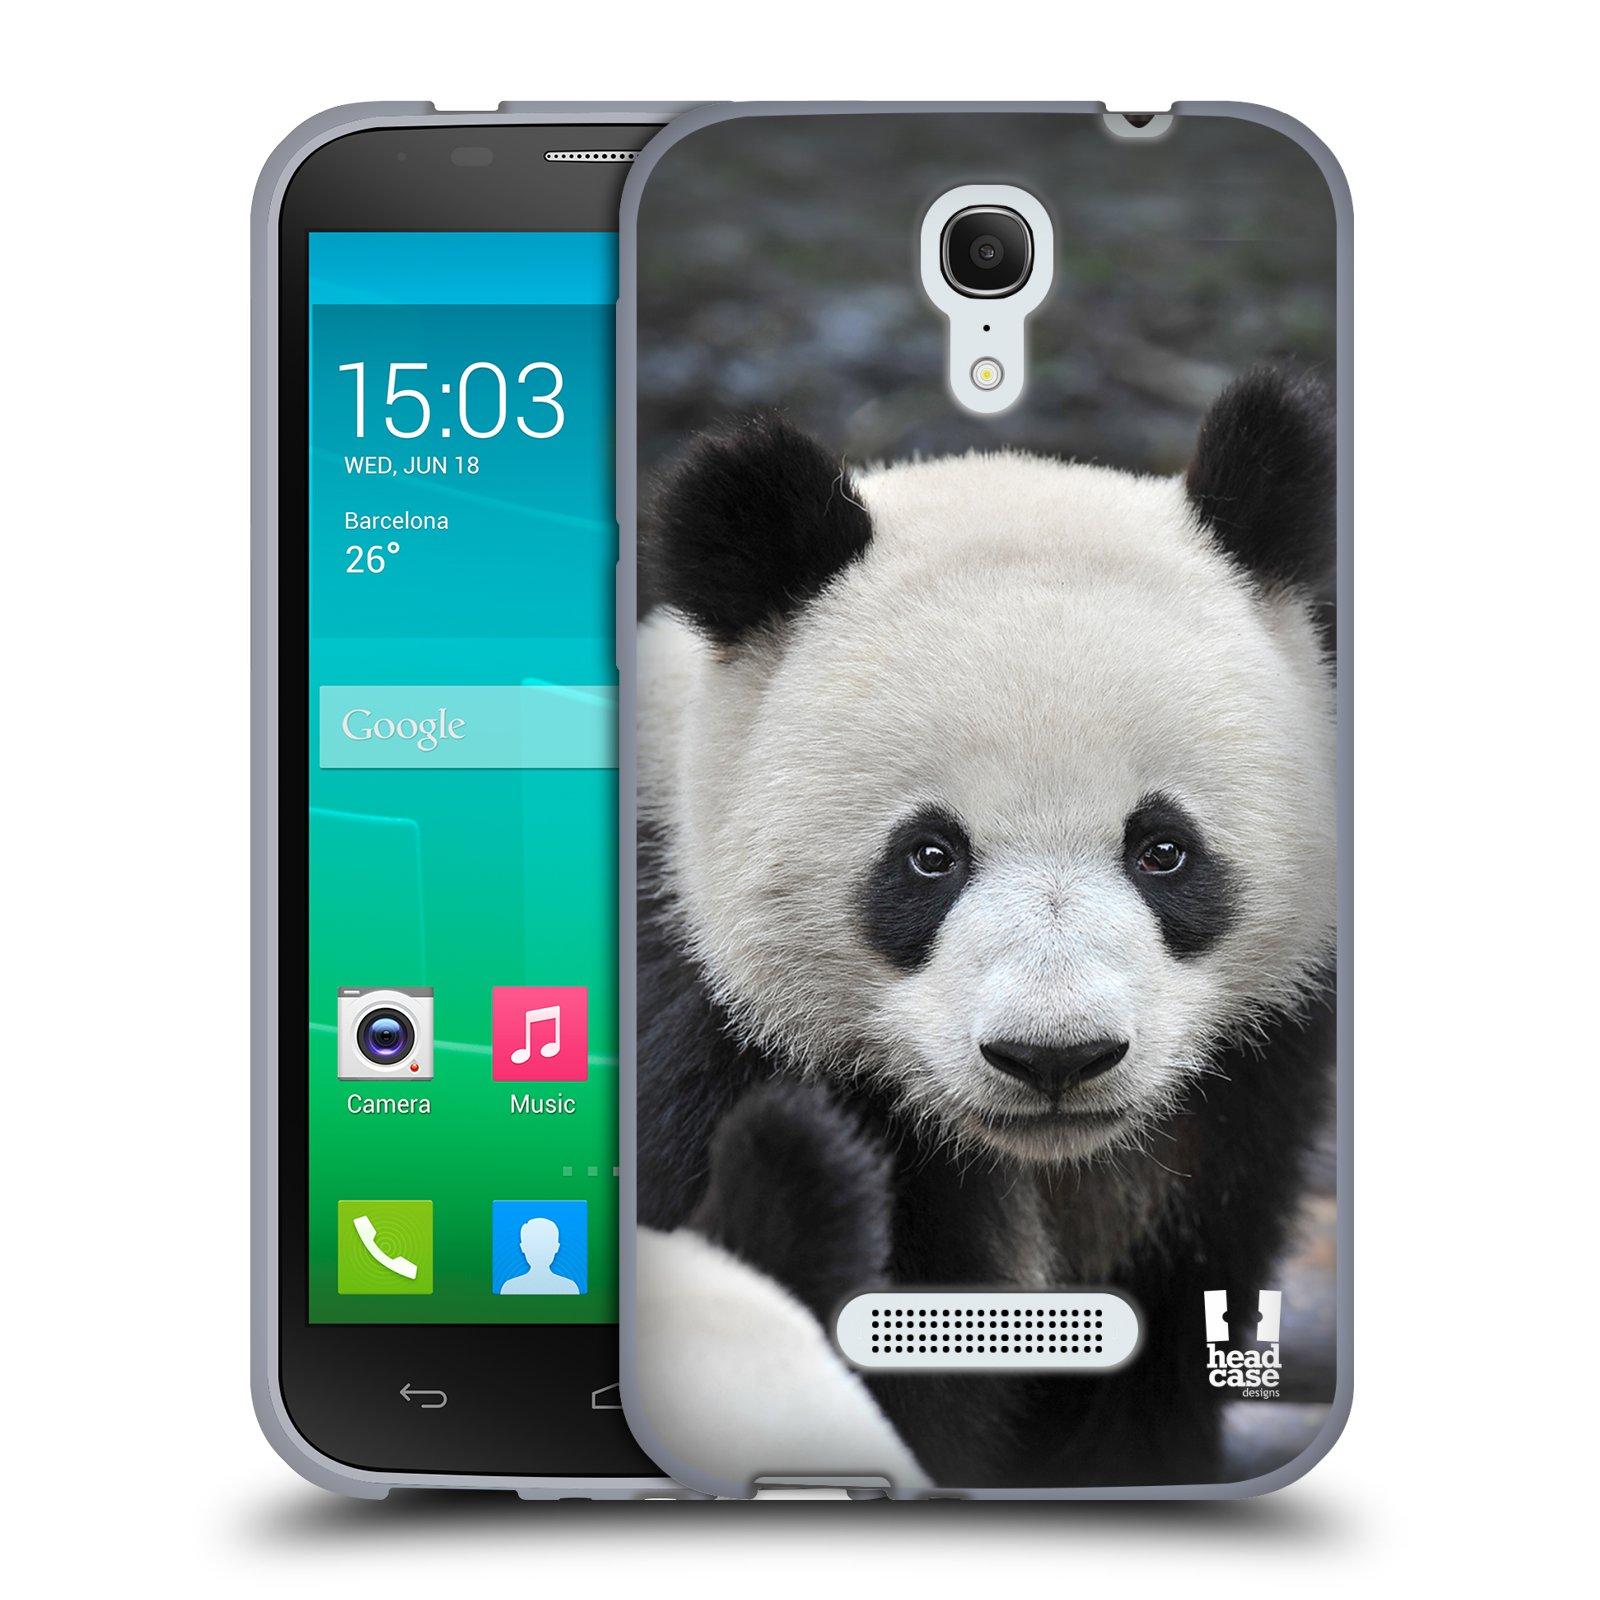 HEAD CASE silikonový obal na mobil Alcatel POP S7 vzor Divočina, Divoký život a zvířata foto MEDVĚD PANDA